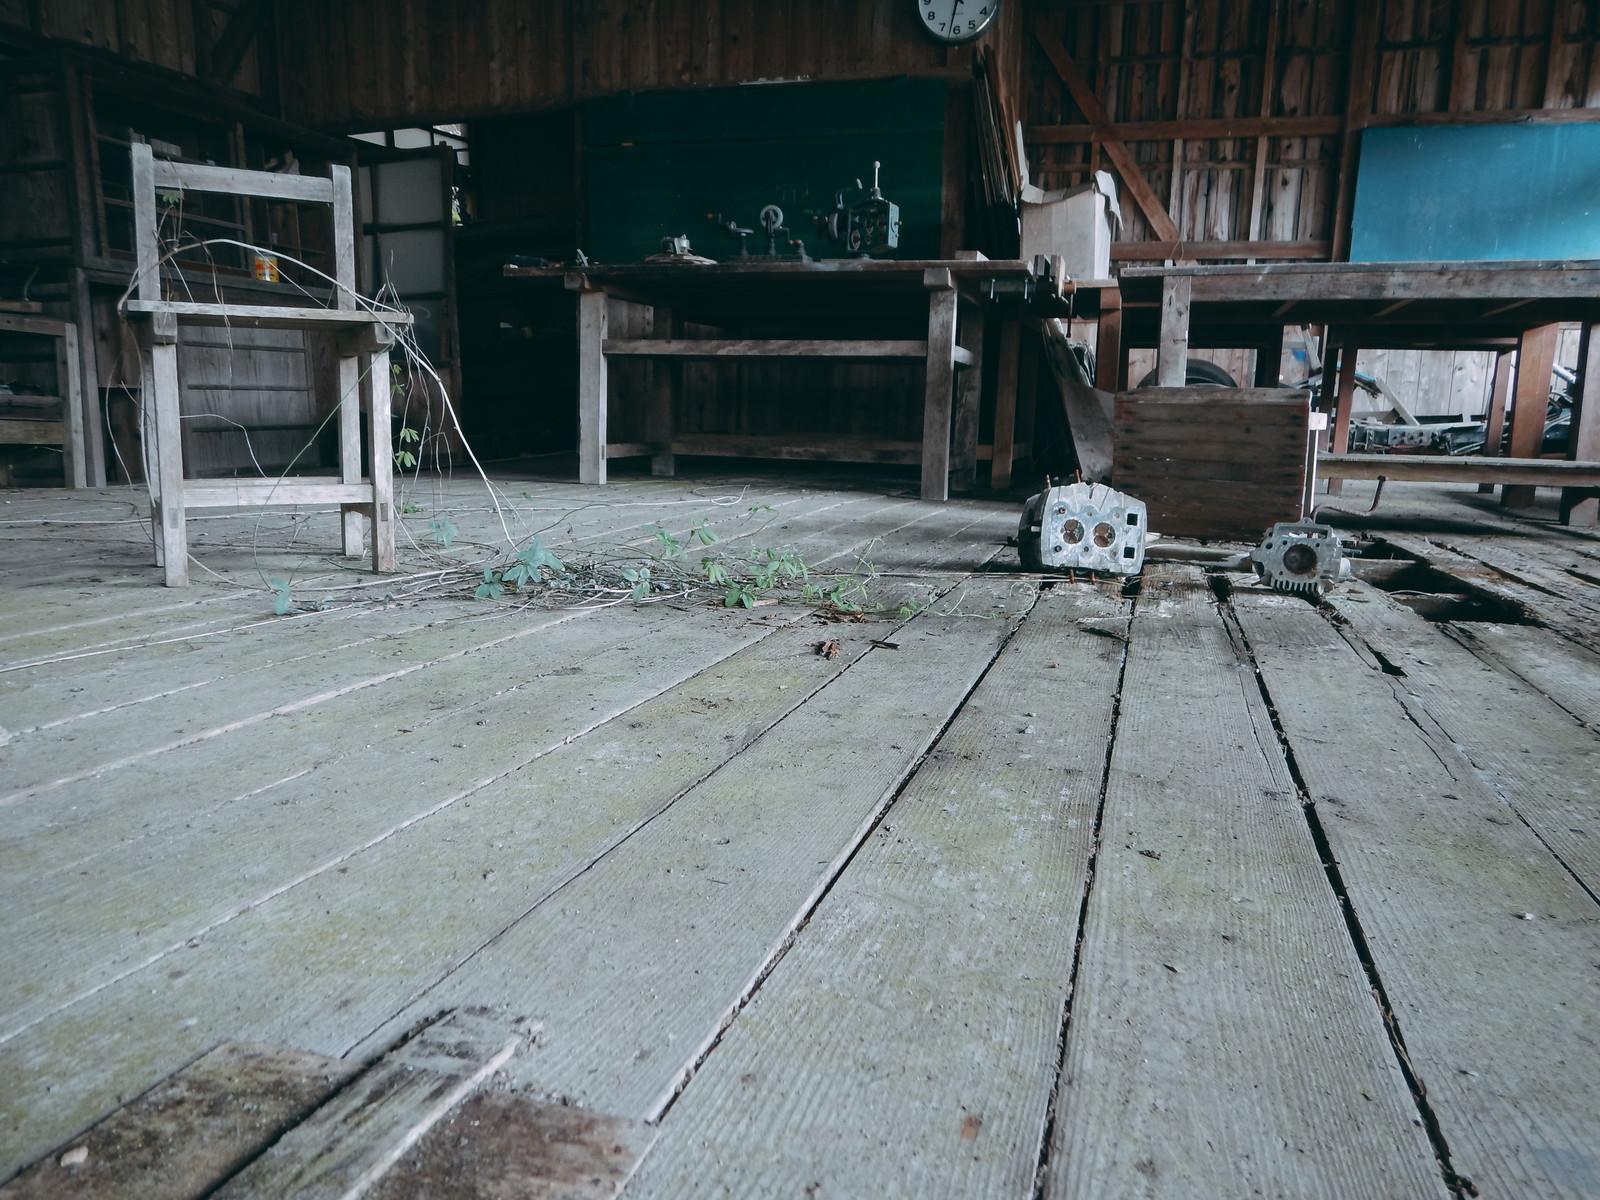 「荒れ果てた廃教室」の写真